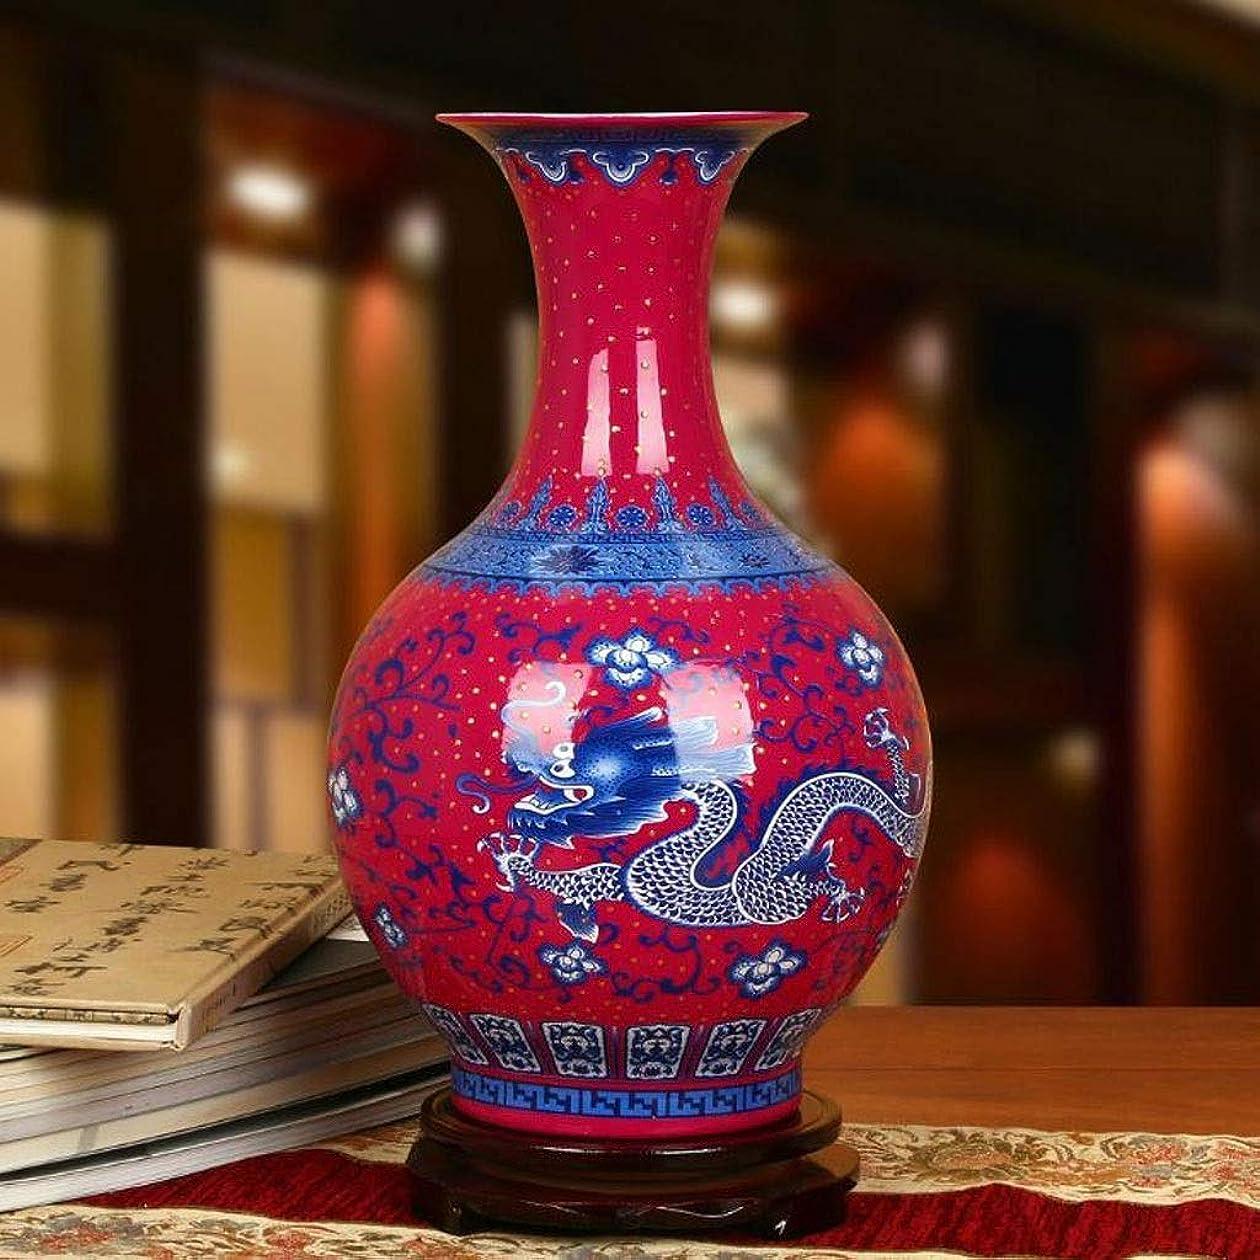 傑作地平線食欲花瓶 異なる特性偏在セラミック大花瓶個々の色ルームアクセサリーエナメル磁器 インテリア フラワーベース